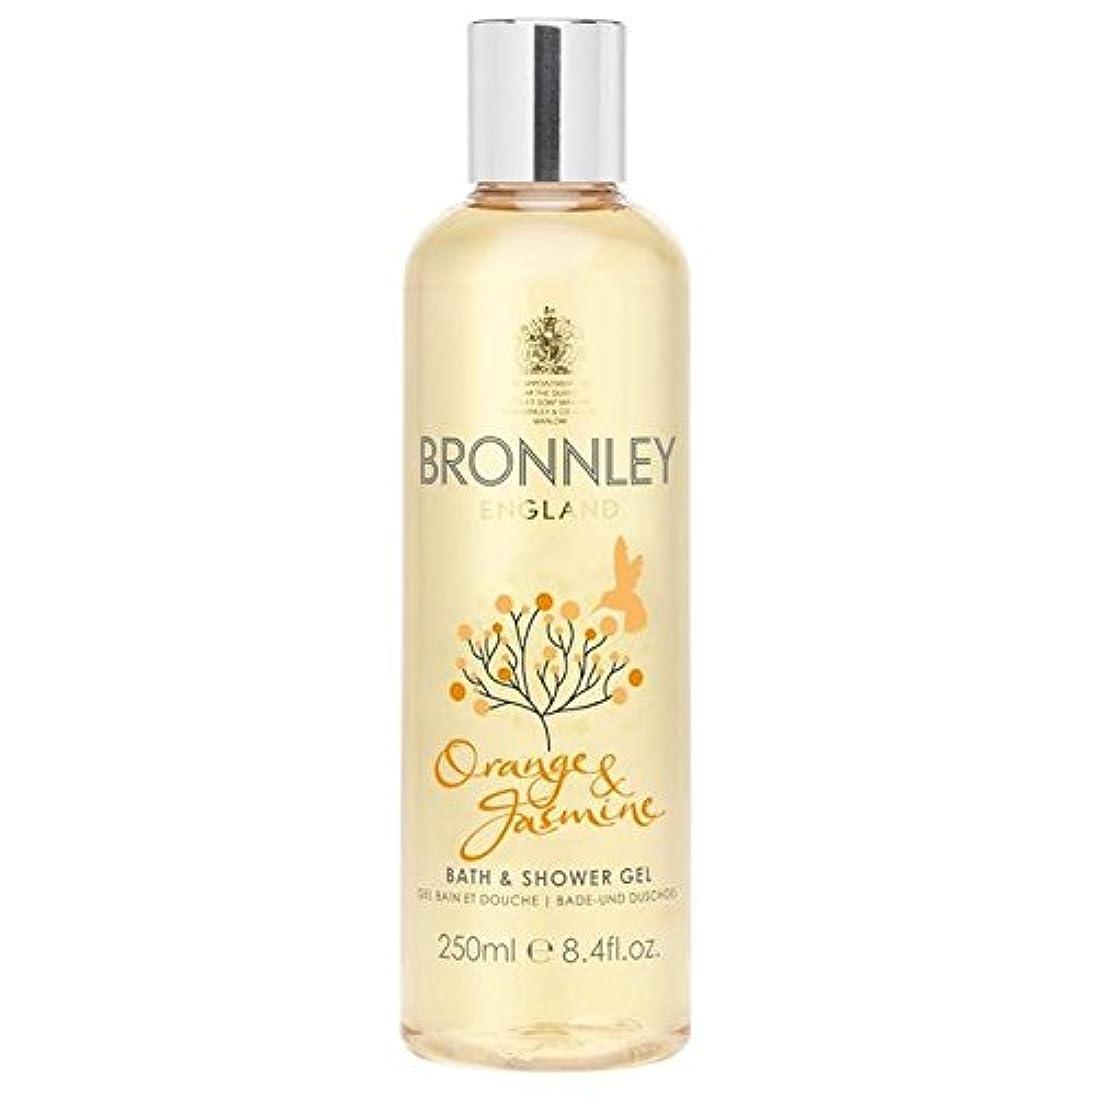 感動するうめき声オークションBronnley Orange & Jasmine Bath & Shower Gel 250ml - オレンジ&ジャスミンバス&シャワージェル250ミリリットル [並行輸入品]